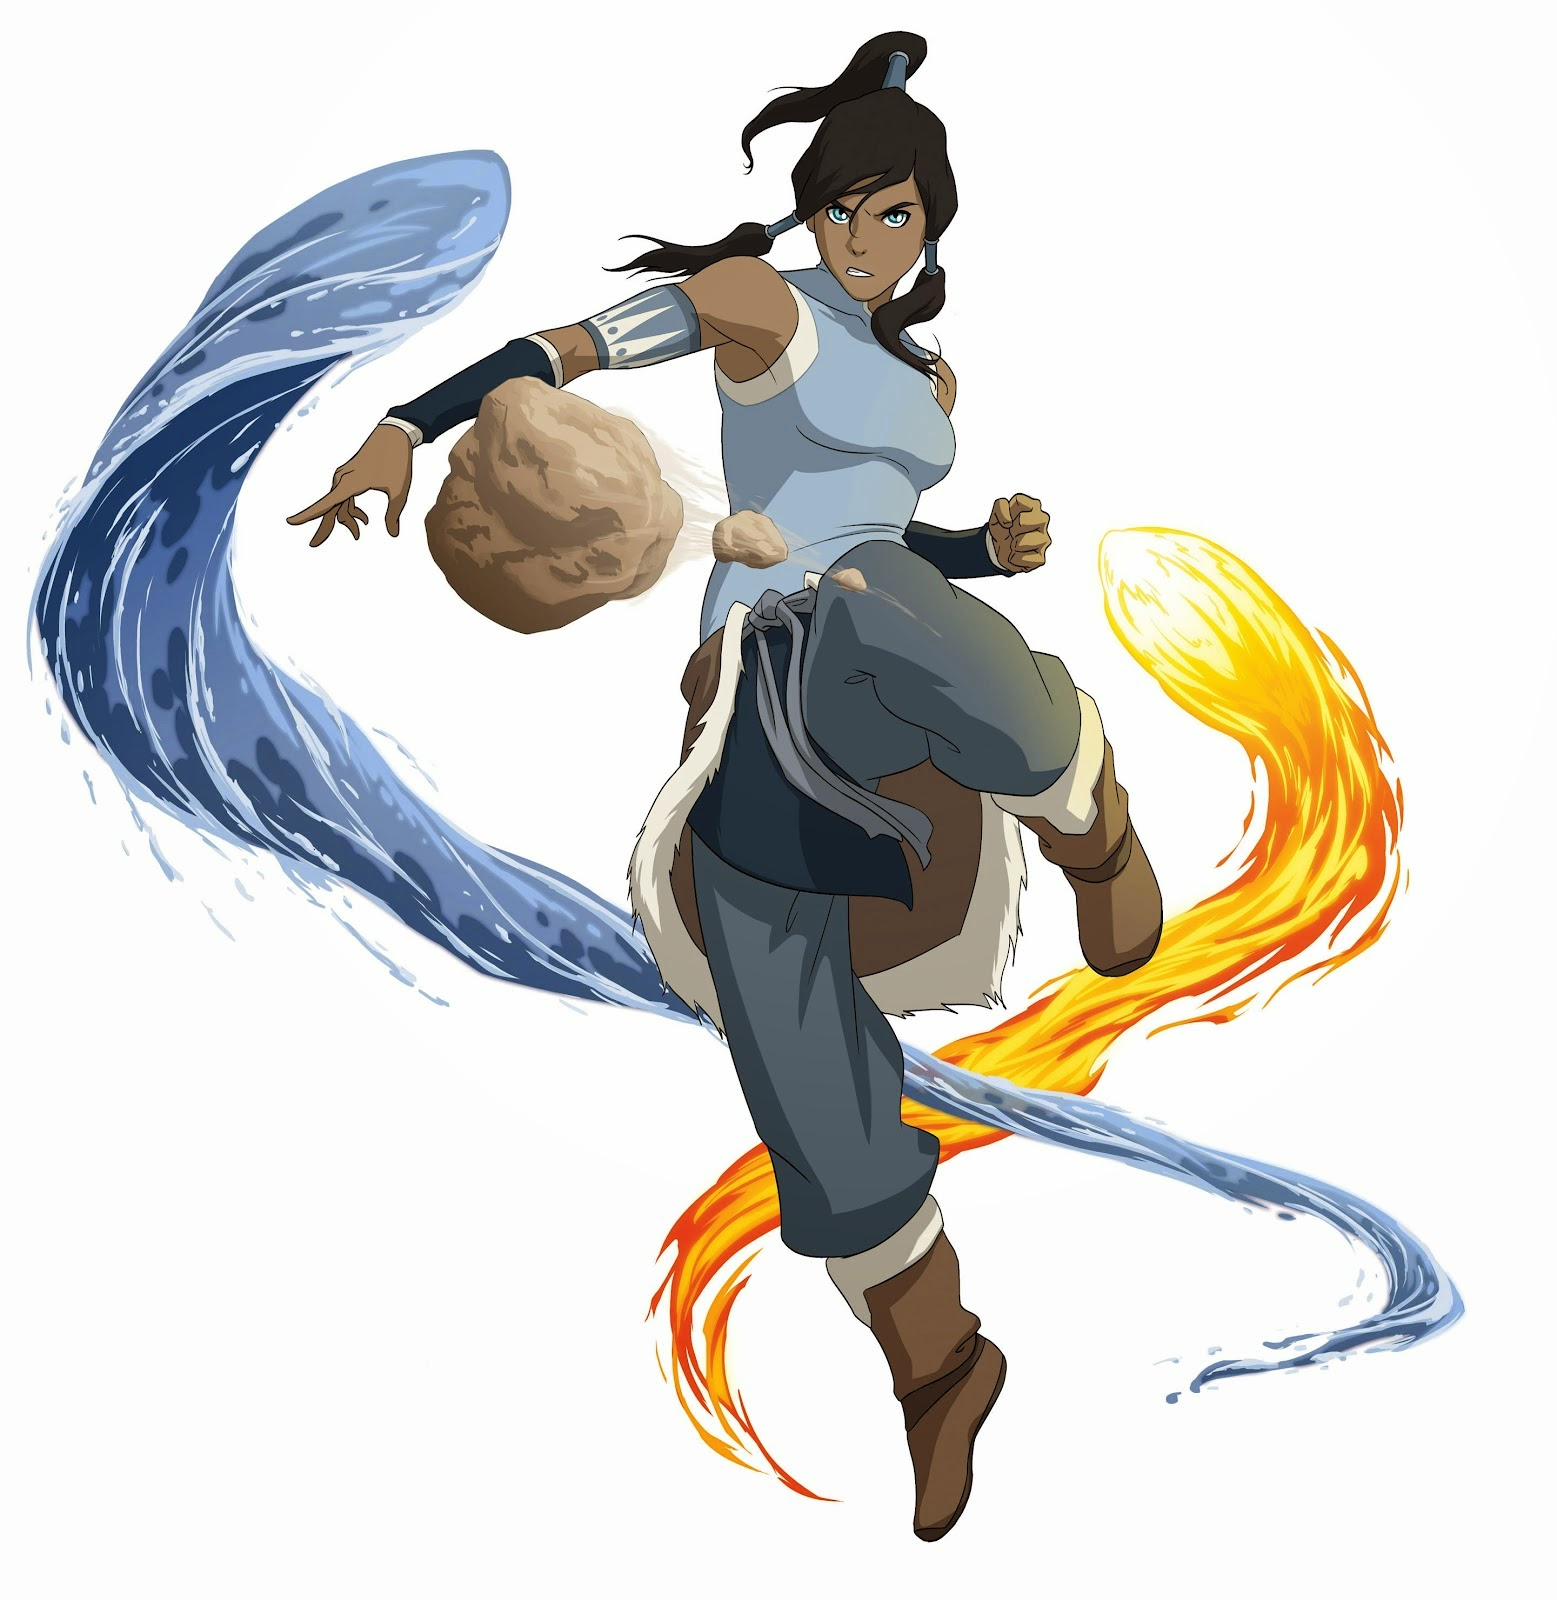 """Avatar 2 Trailer 2014: Livro 4 """"Equilíbrio"""" Ganha Seu"""